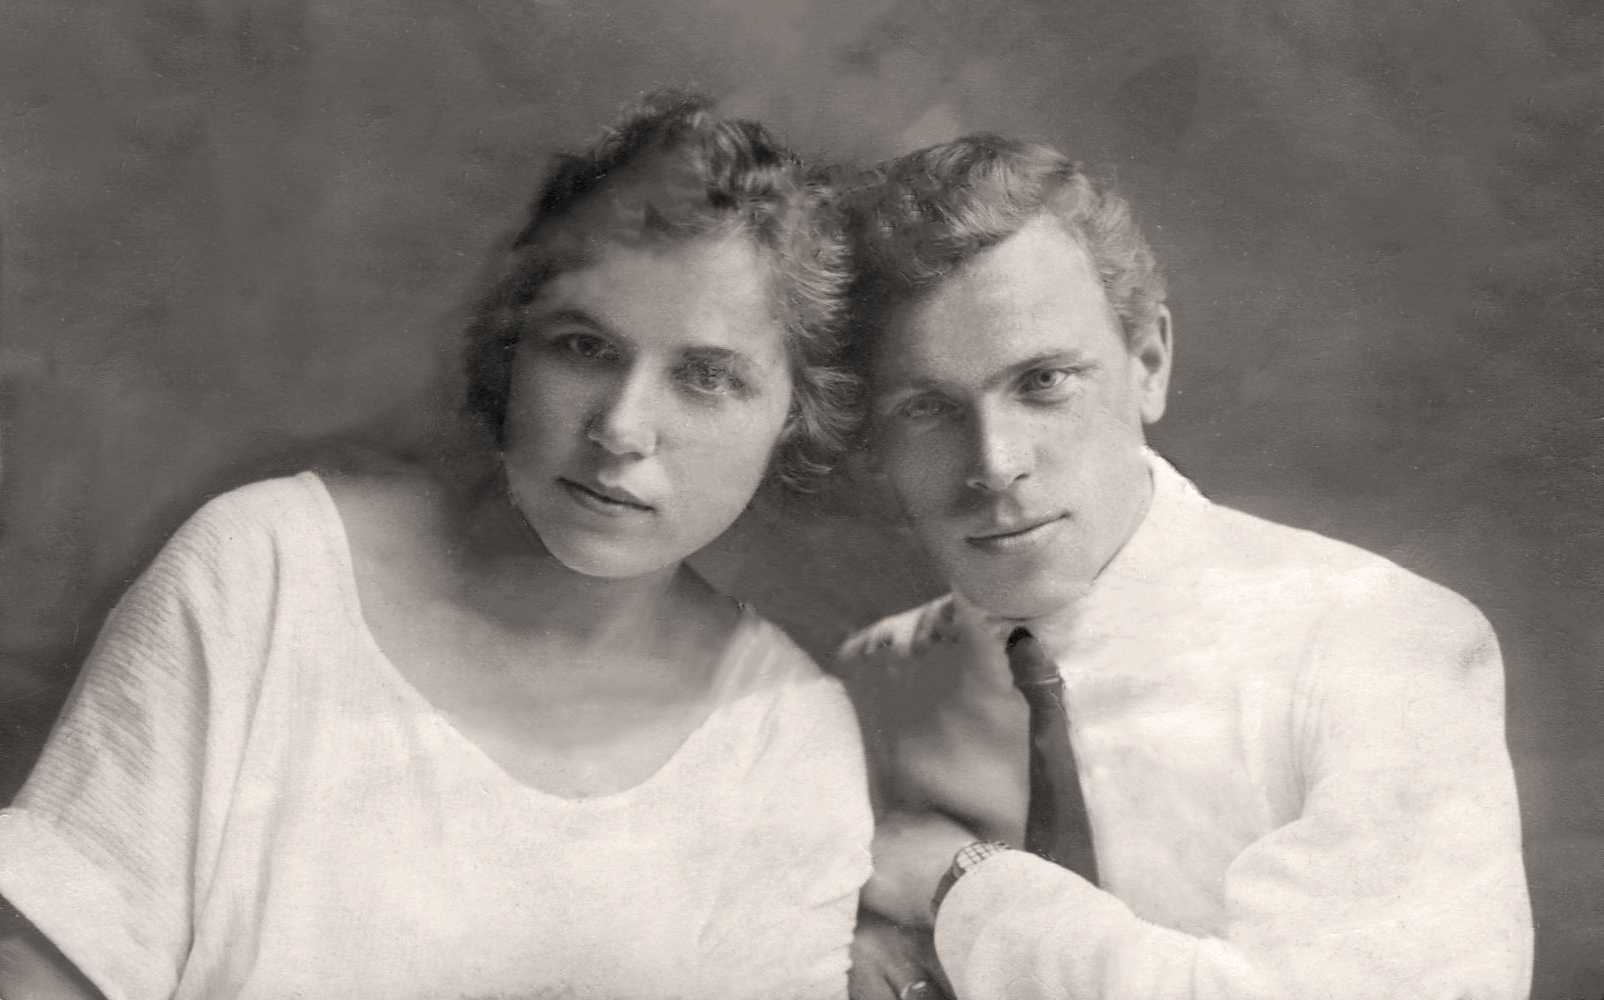 Экспонат #2. Евгения Мартыновна и Михаил Алексеевич Мусатовы. 20-е годы